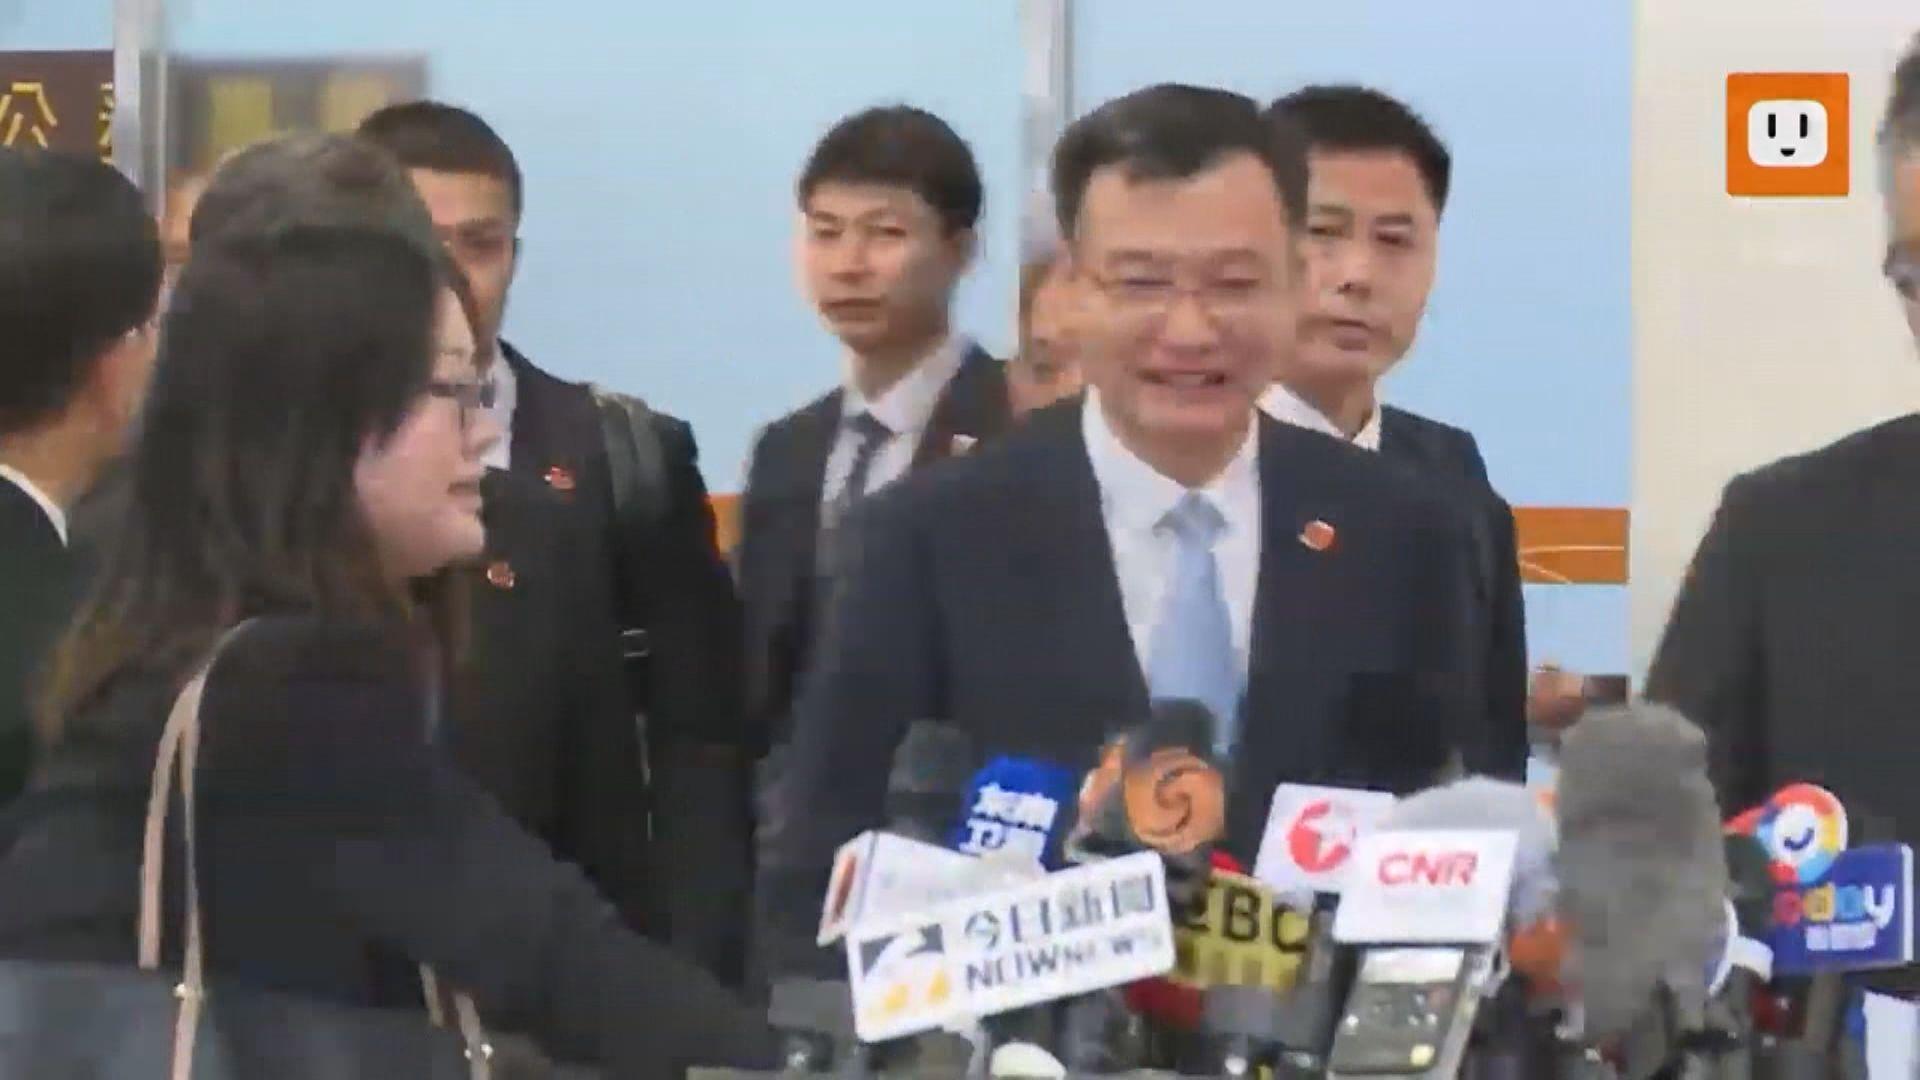 上海副市長訪台將出席雙城論壇